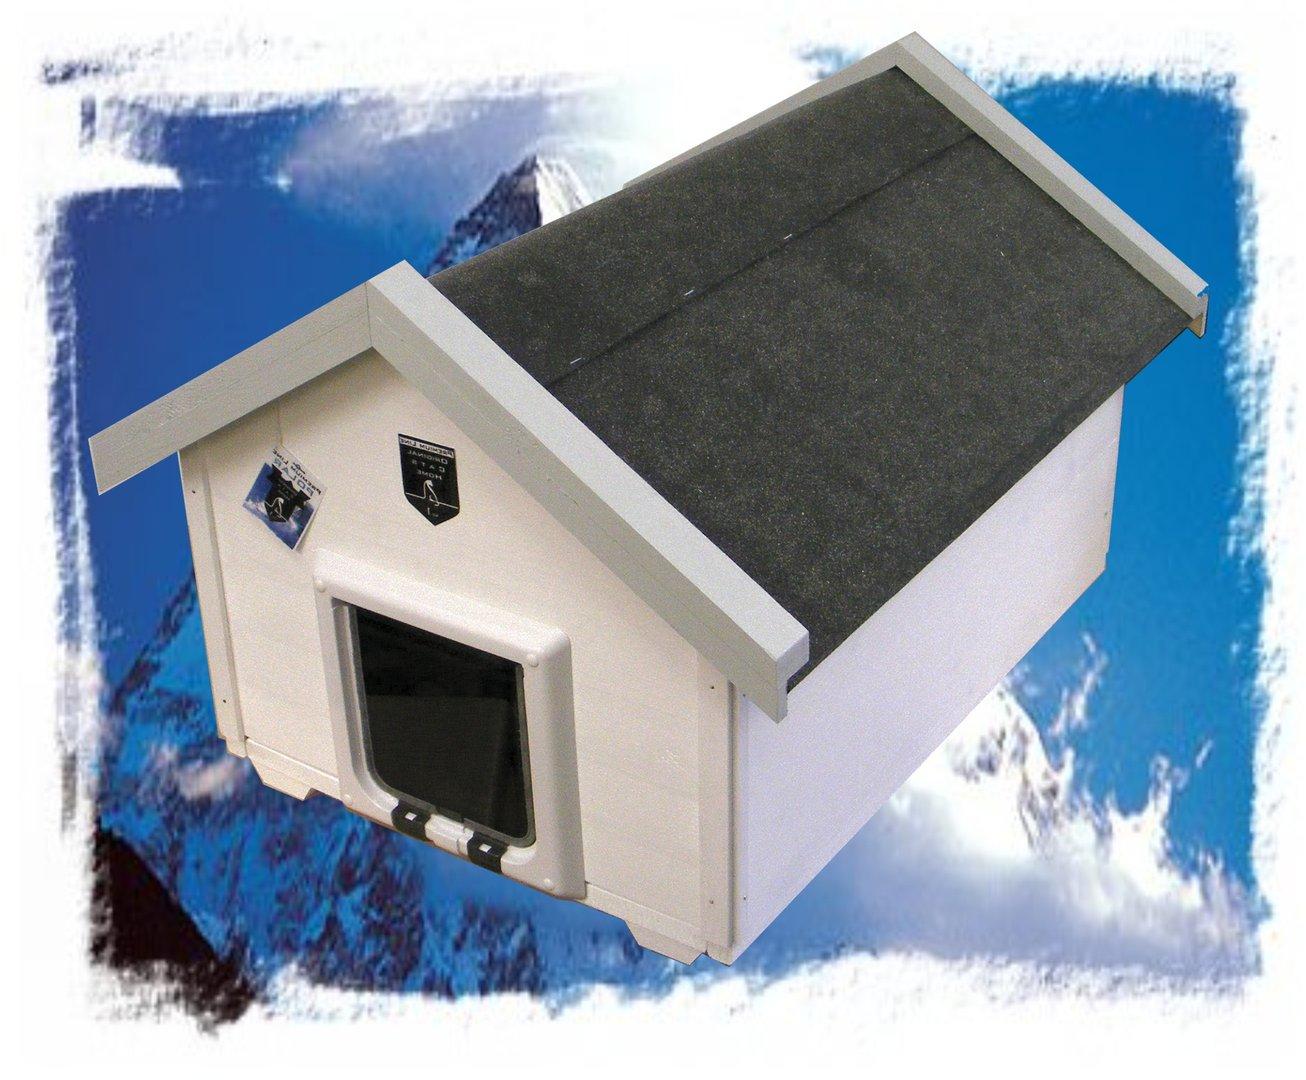 luxus katzenhaus summer wei wintertauglich mit katzenklappe. Black Bedroom Furniture Sets. Home Design Ideas